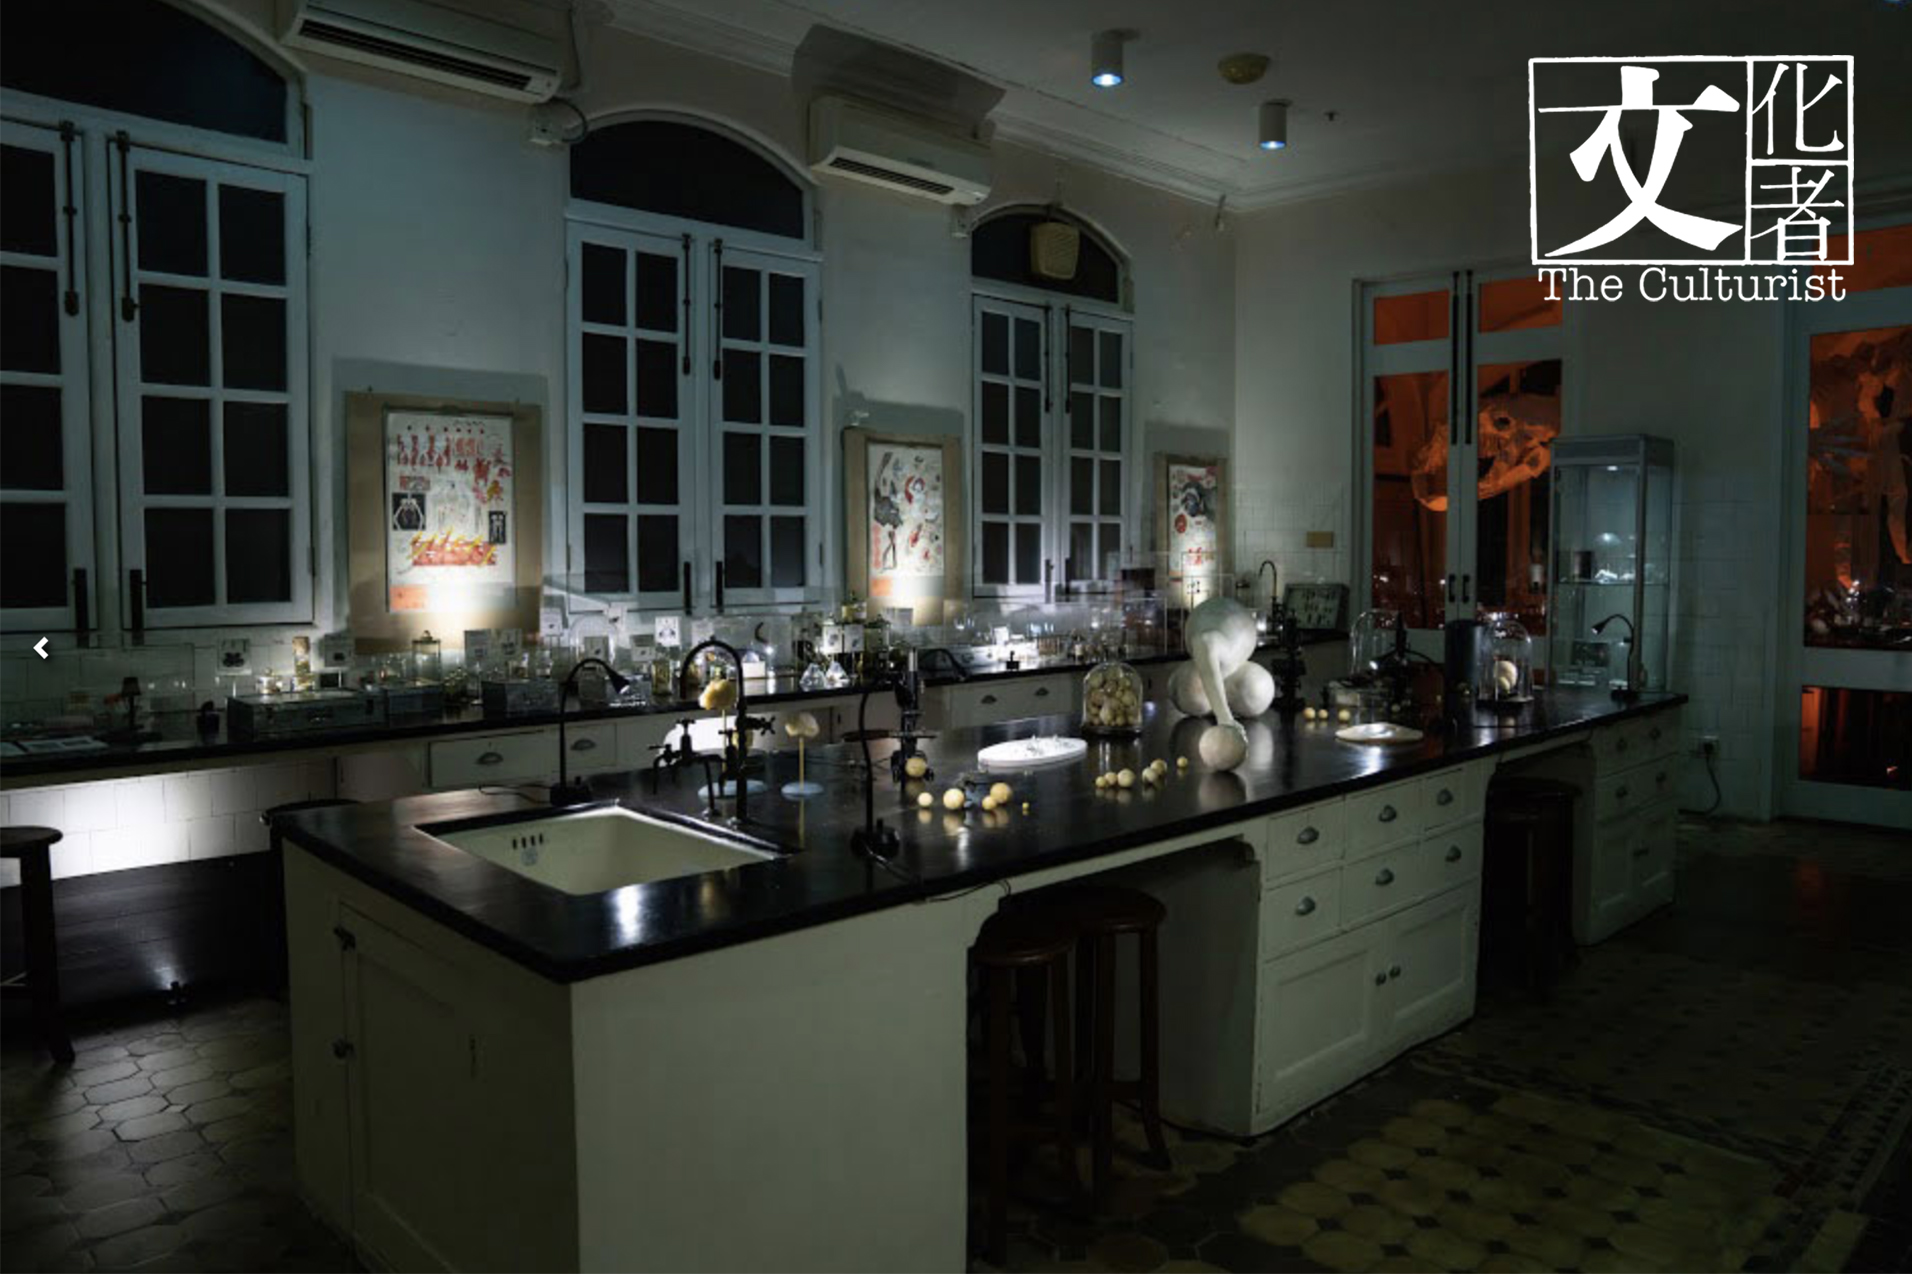 009-實驗室擺放了許多創作團隊為今次展覽所準備的展品